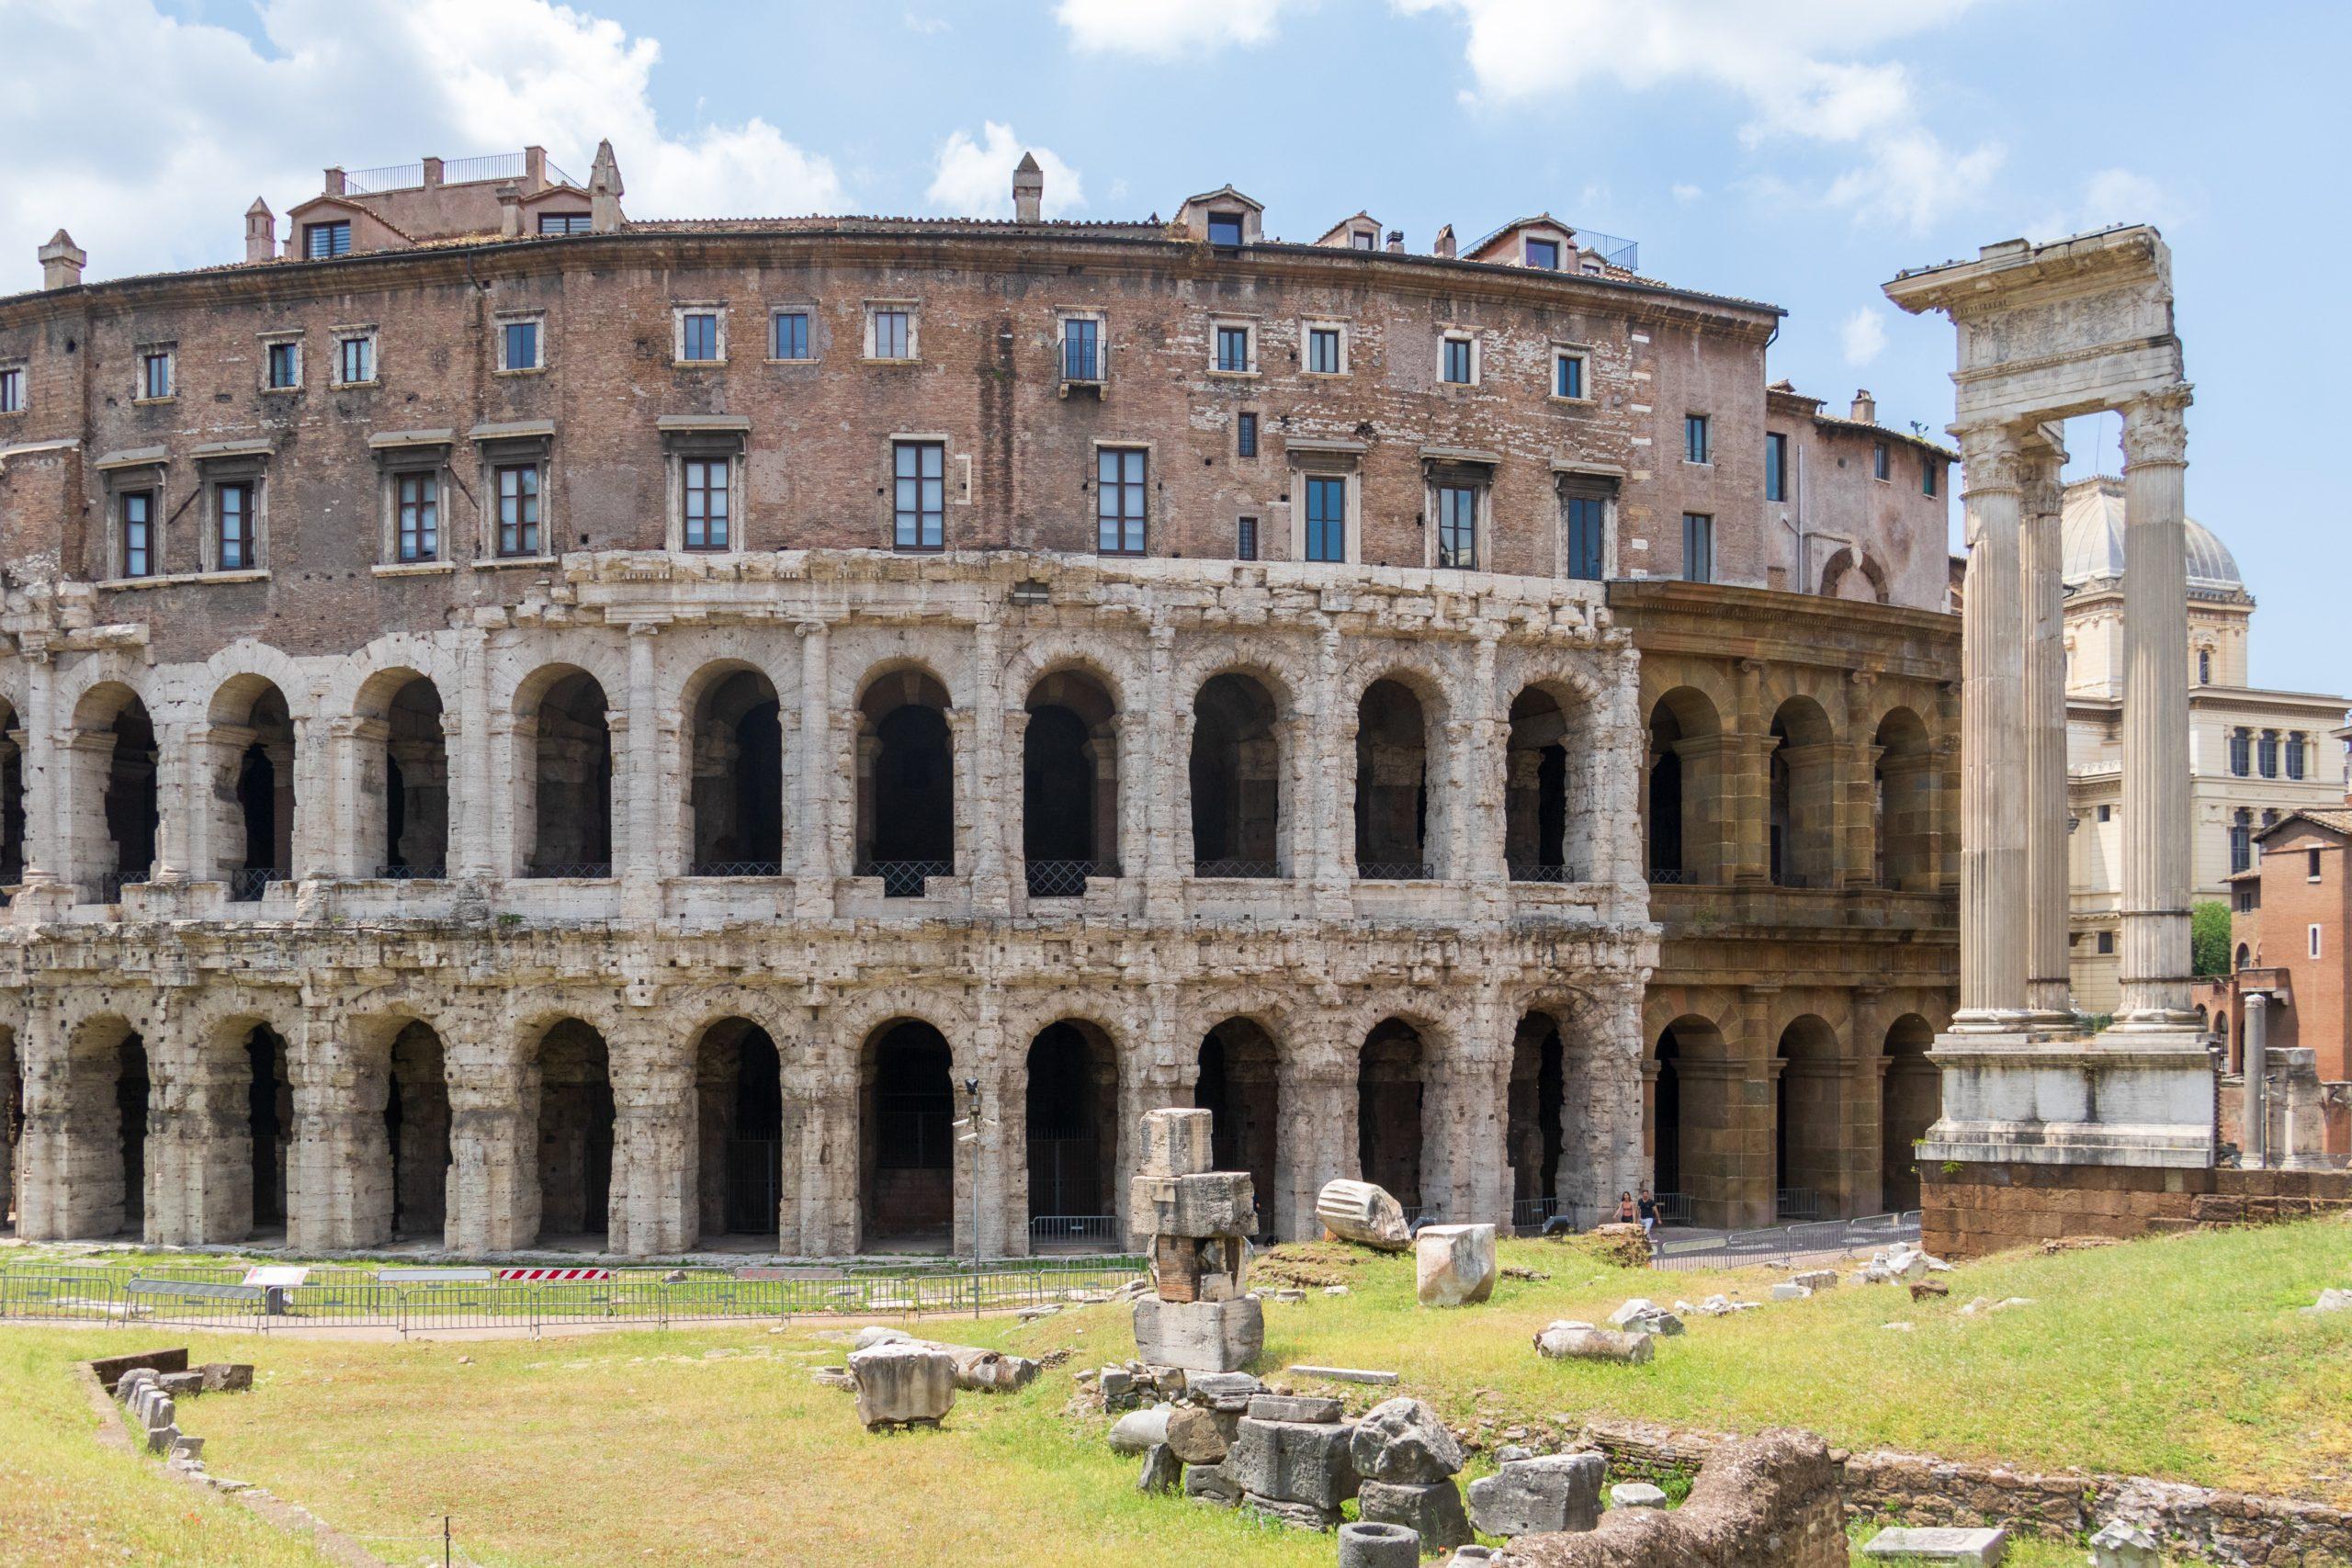 Migliori teatri in Italia